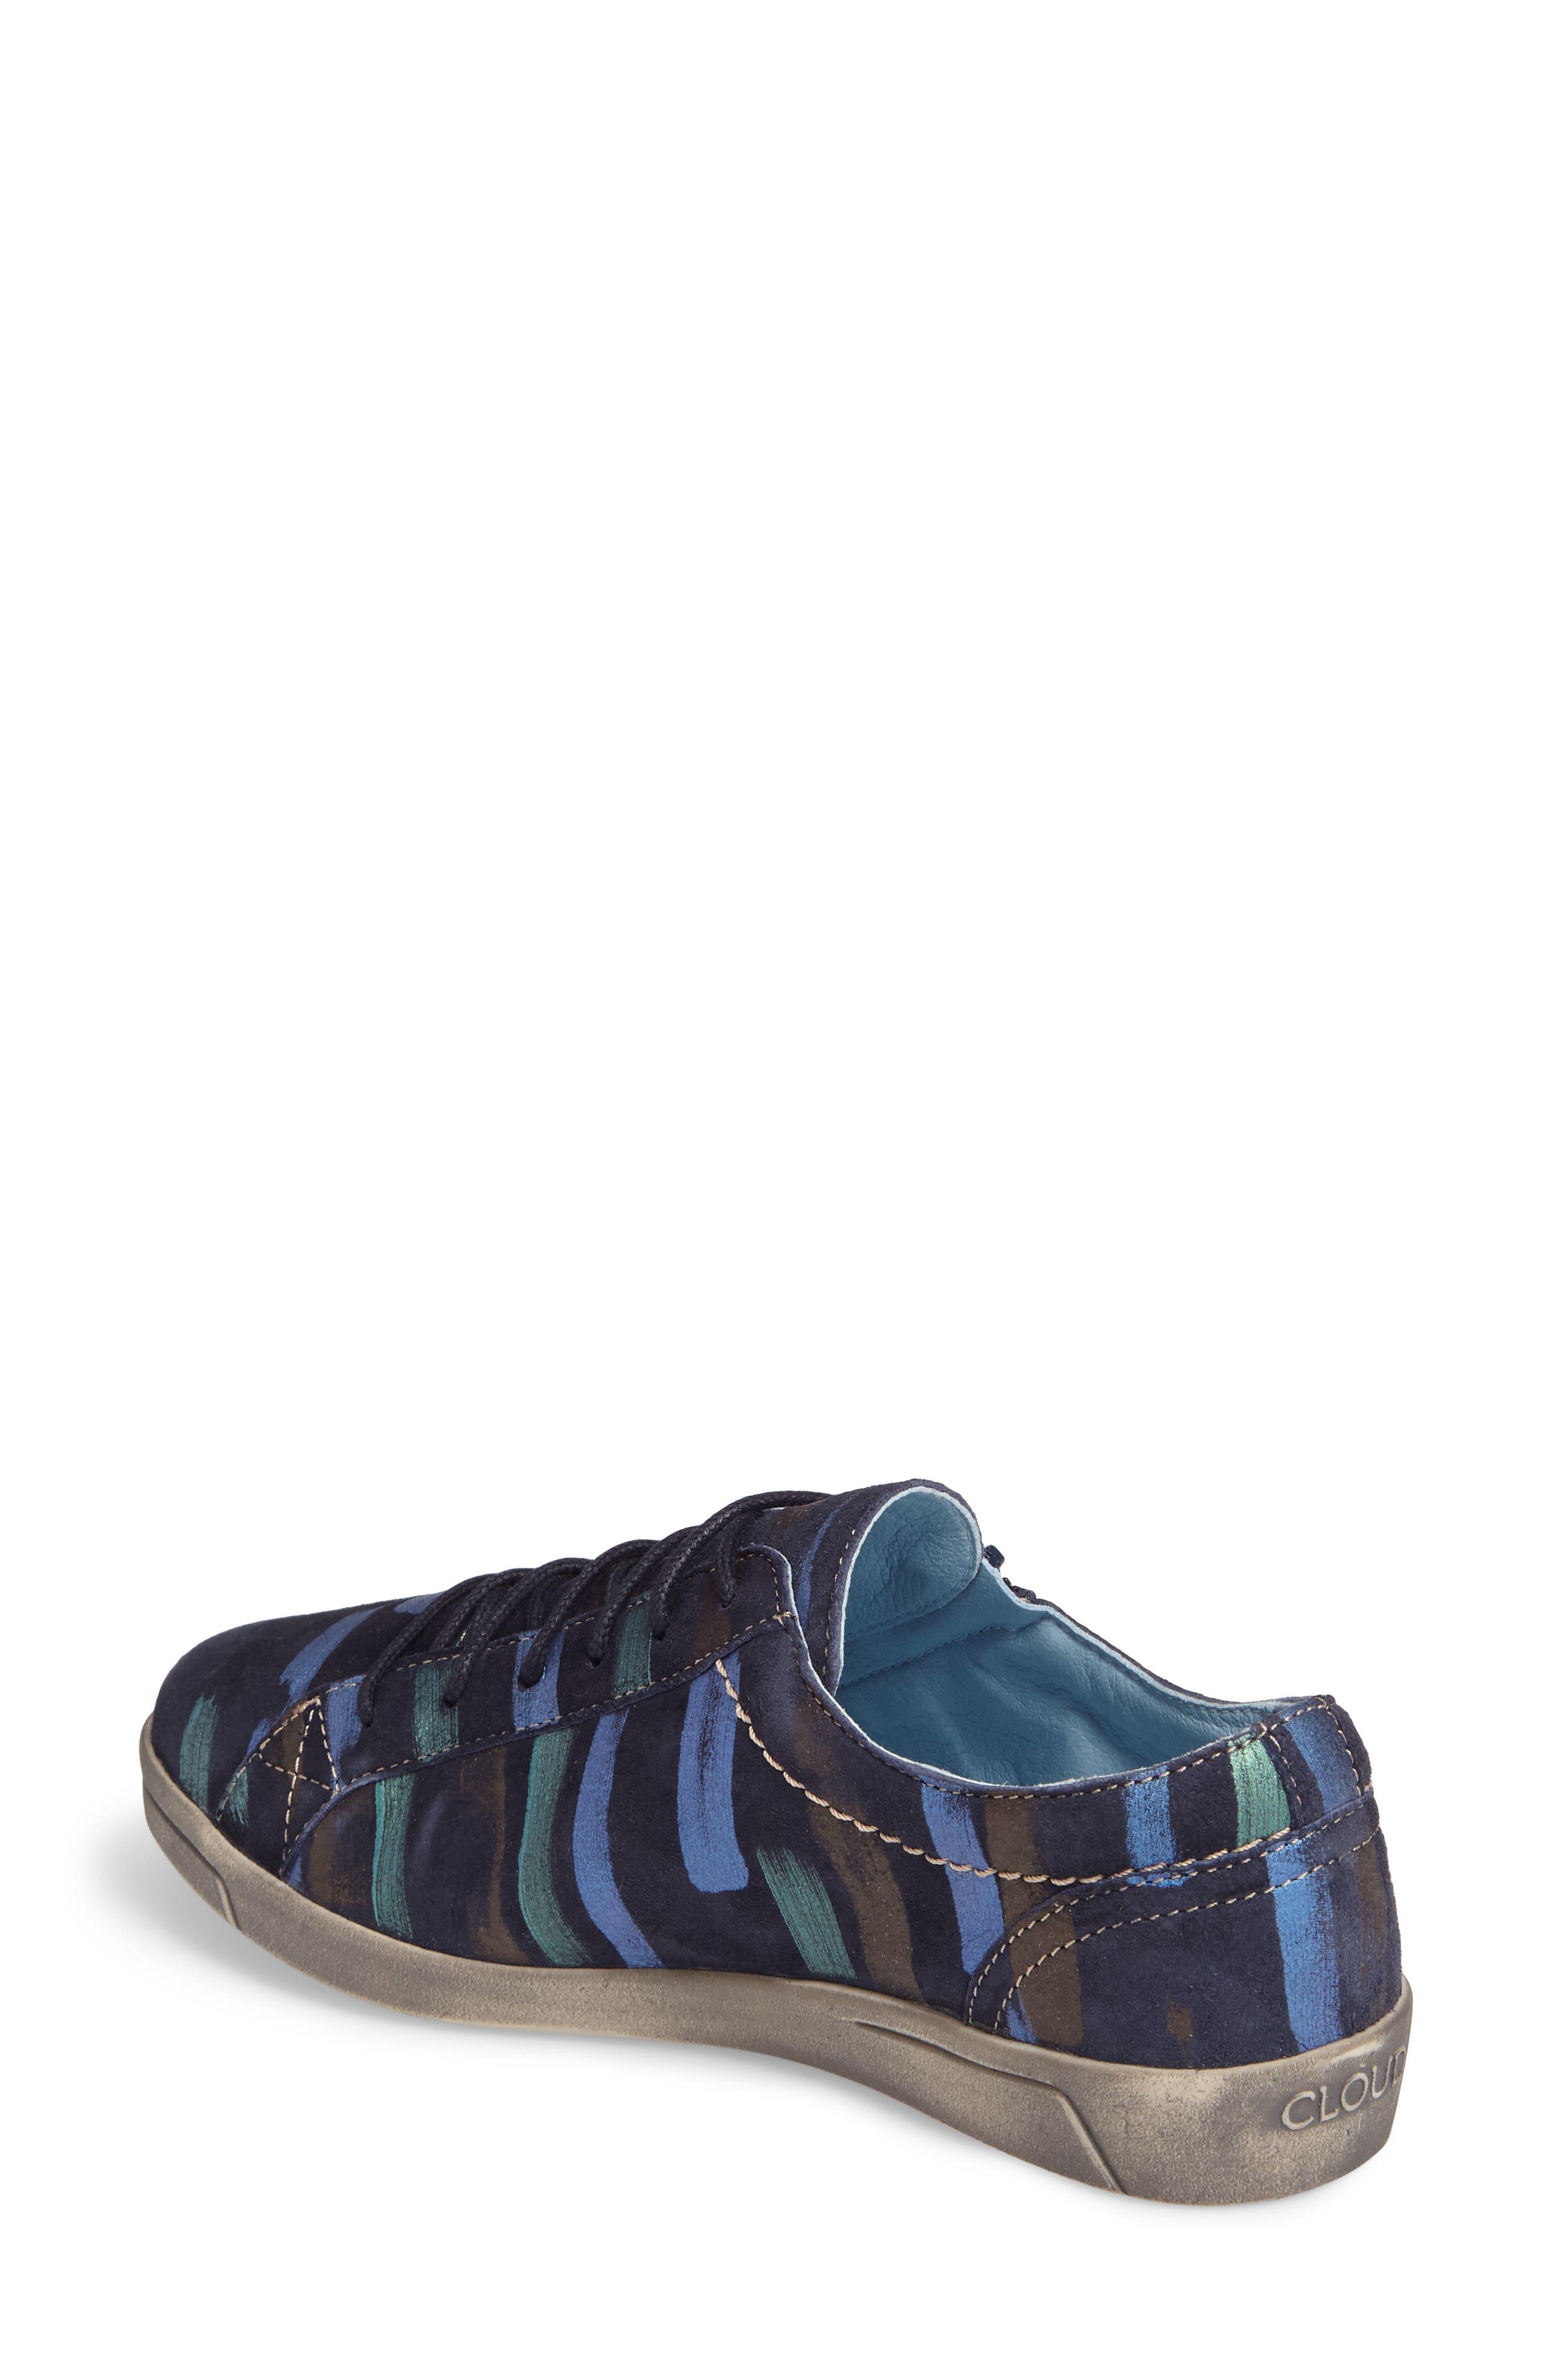 Alternate Image 2  - CLOUD 'Aika' Leather Sneaker (Women)